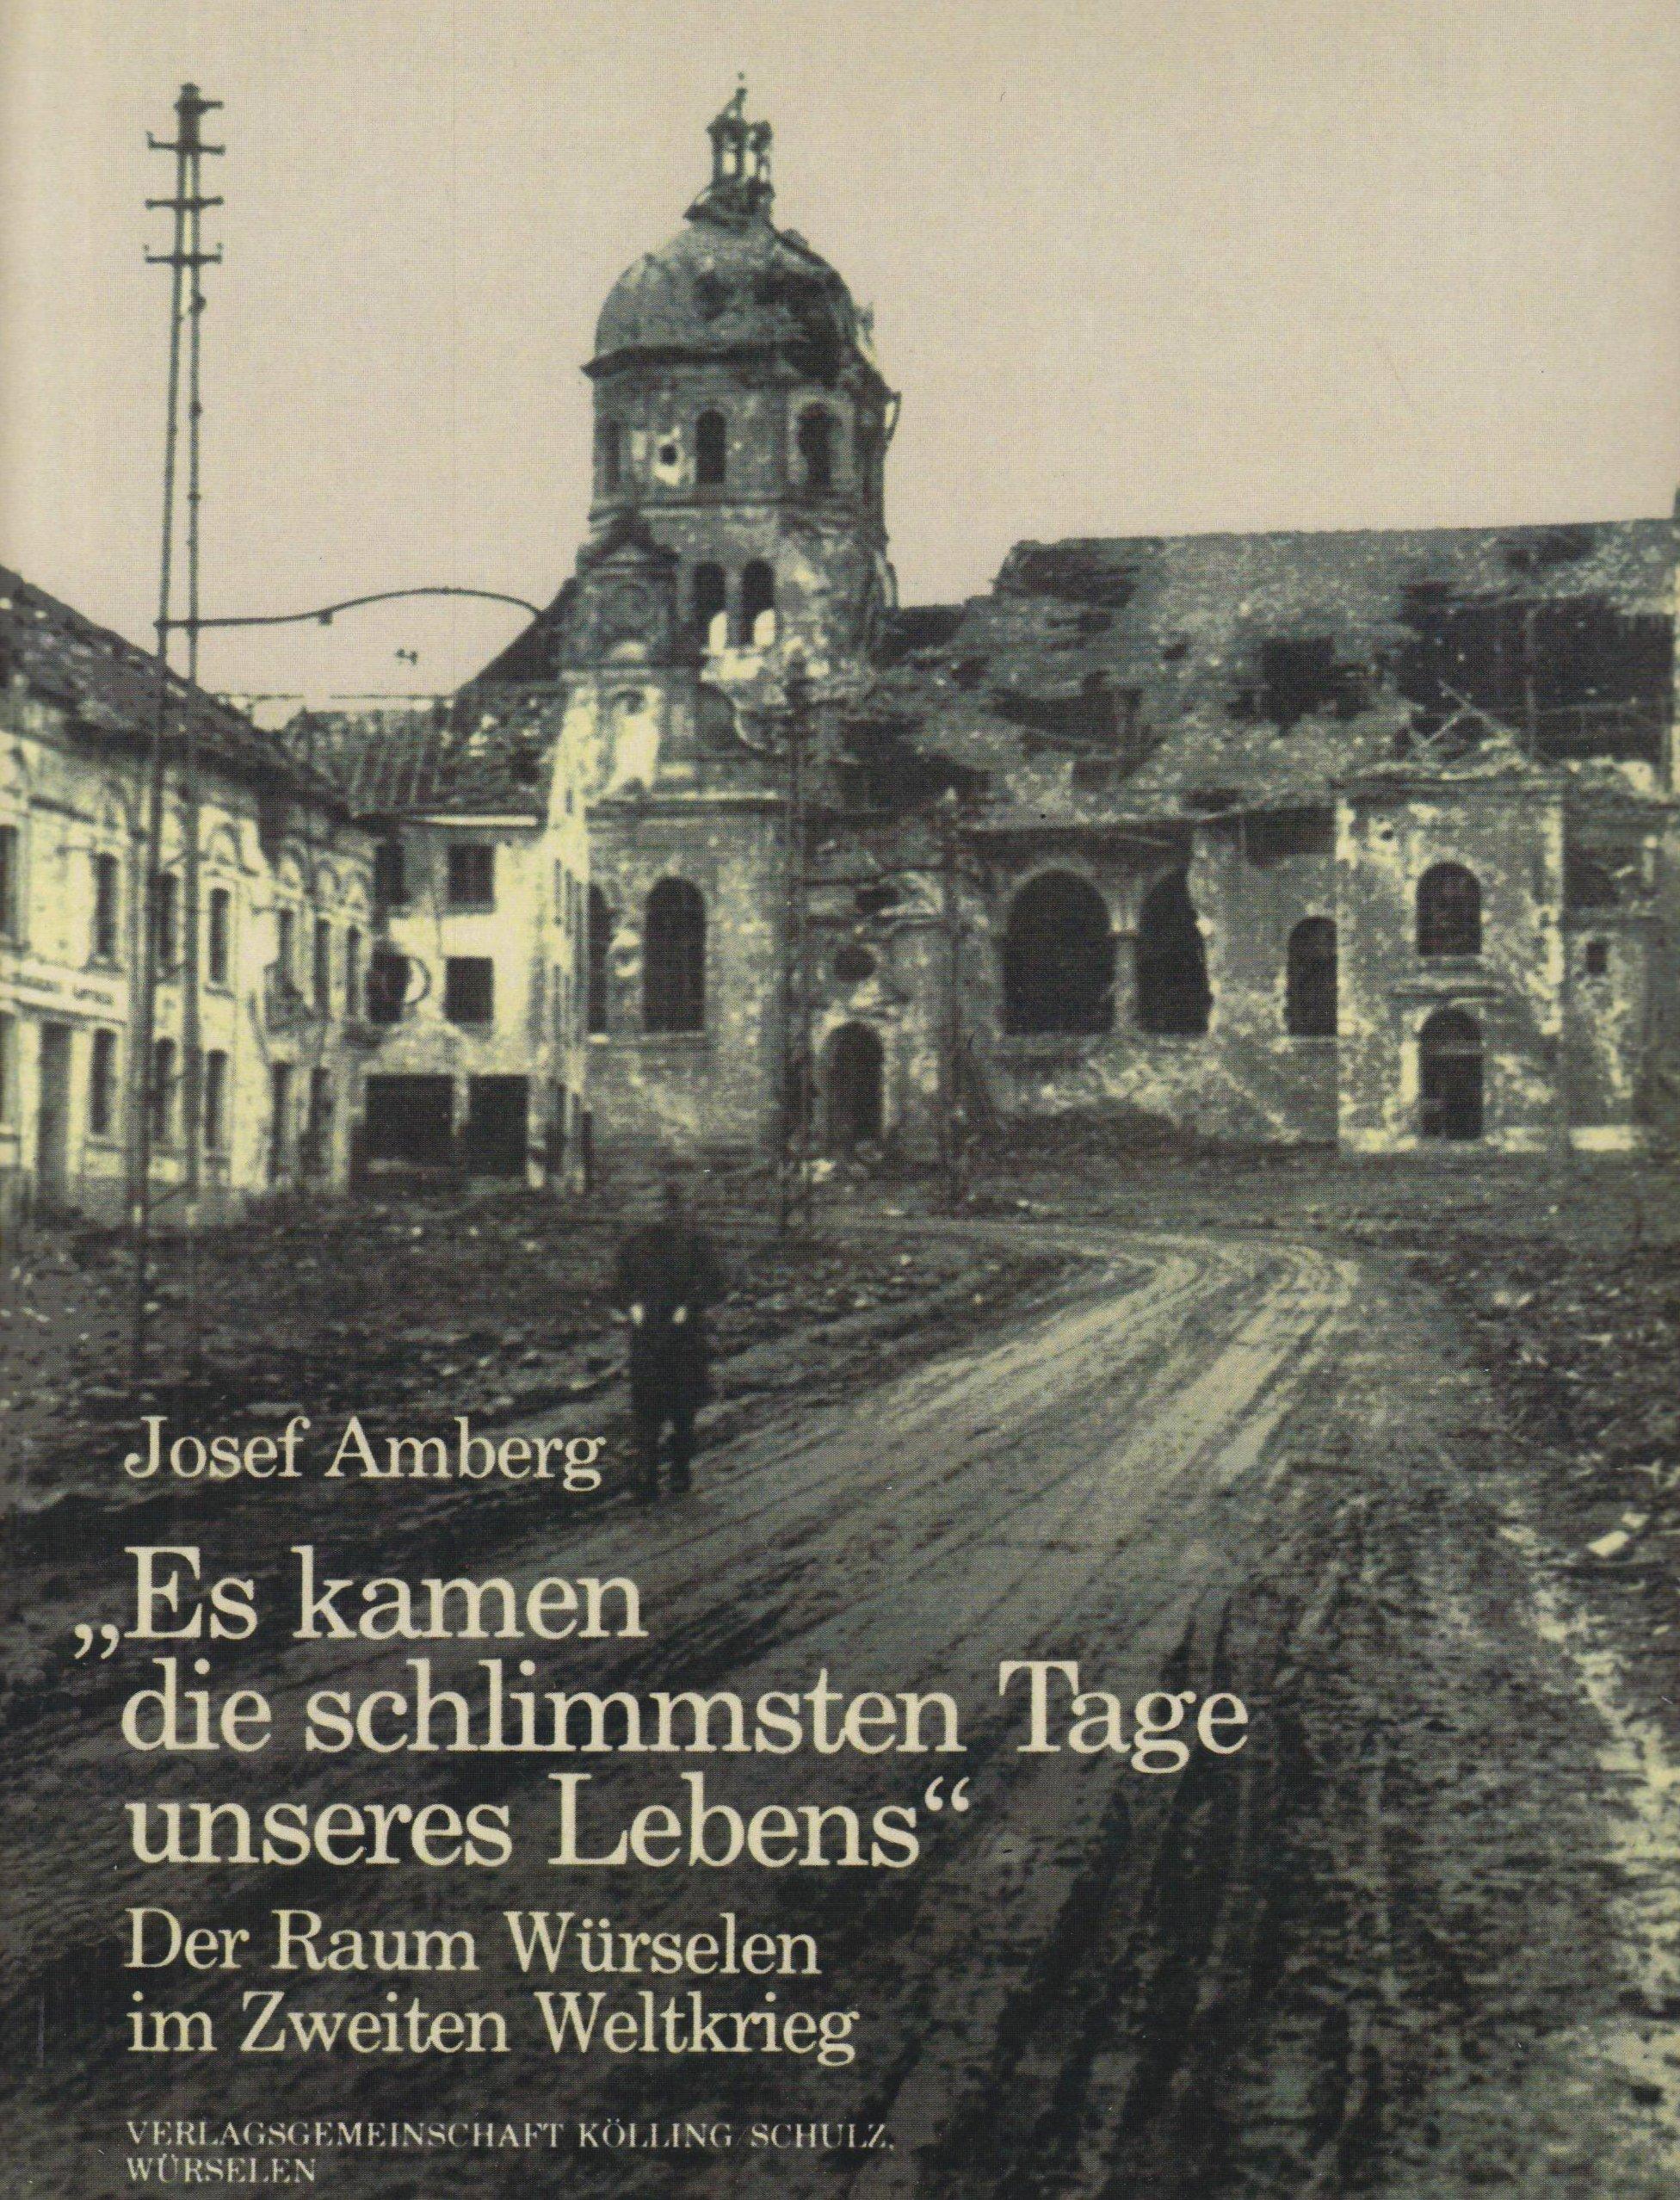 Es kamen die schlimmsten Tage unseres Lebens. Der Raum Würselen im Zweiten Weltkrieg (Book on Demand)